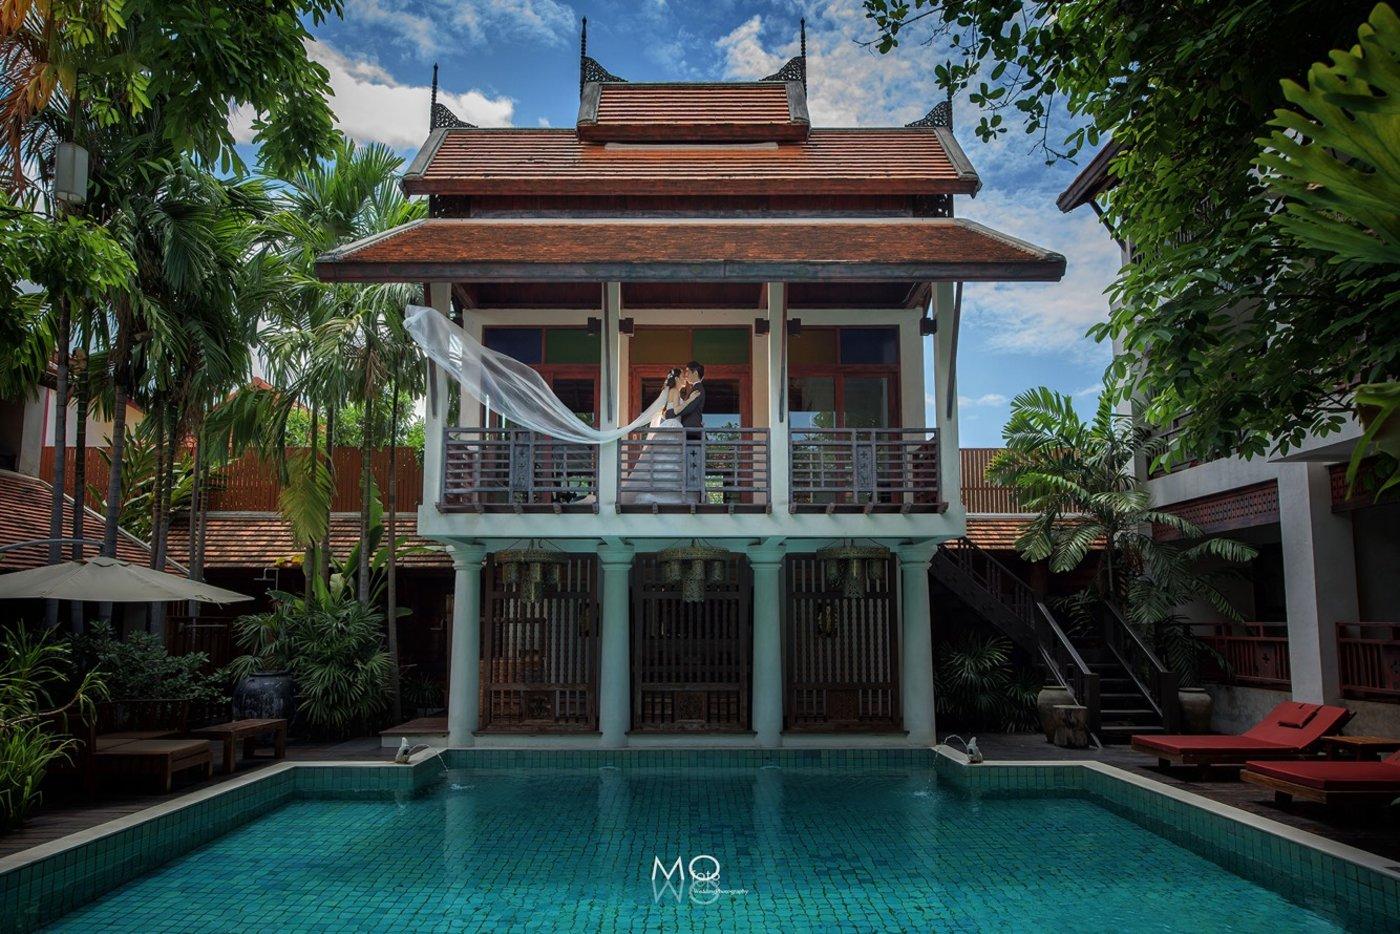 Mofoto 婚纱旅拍 泰国0